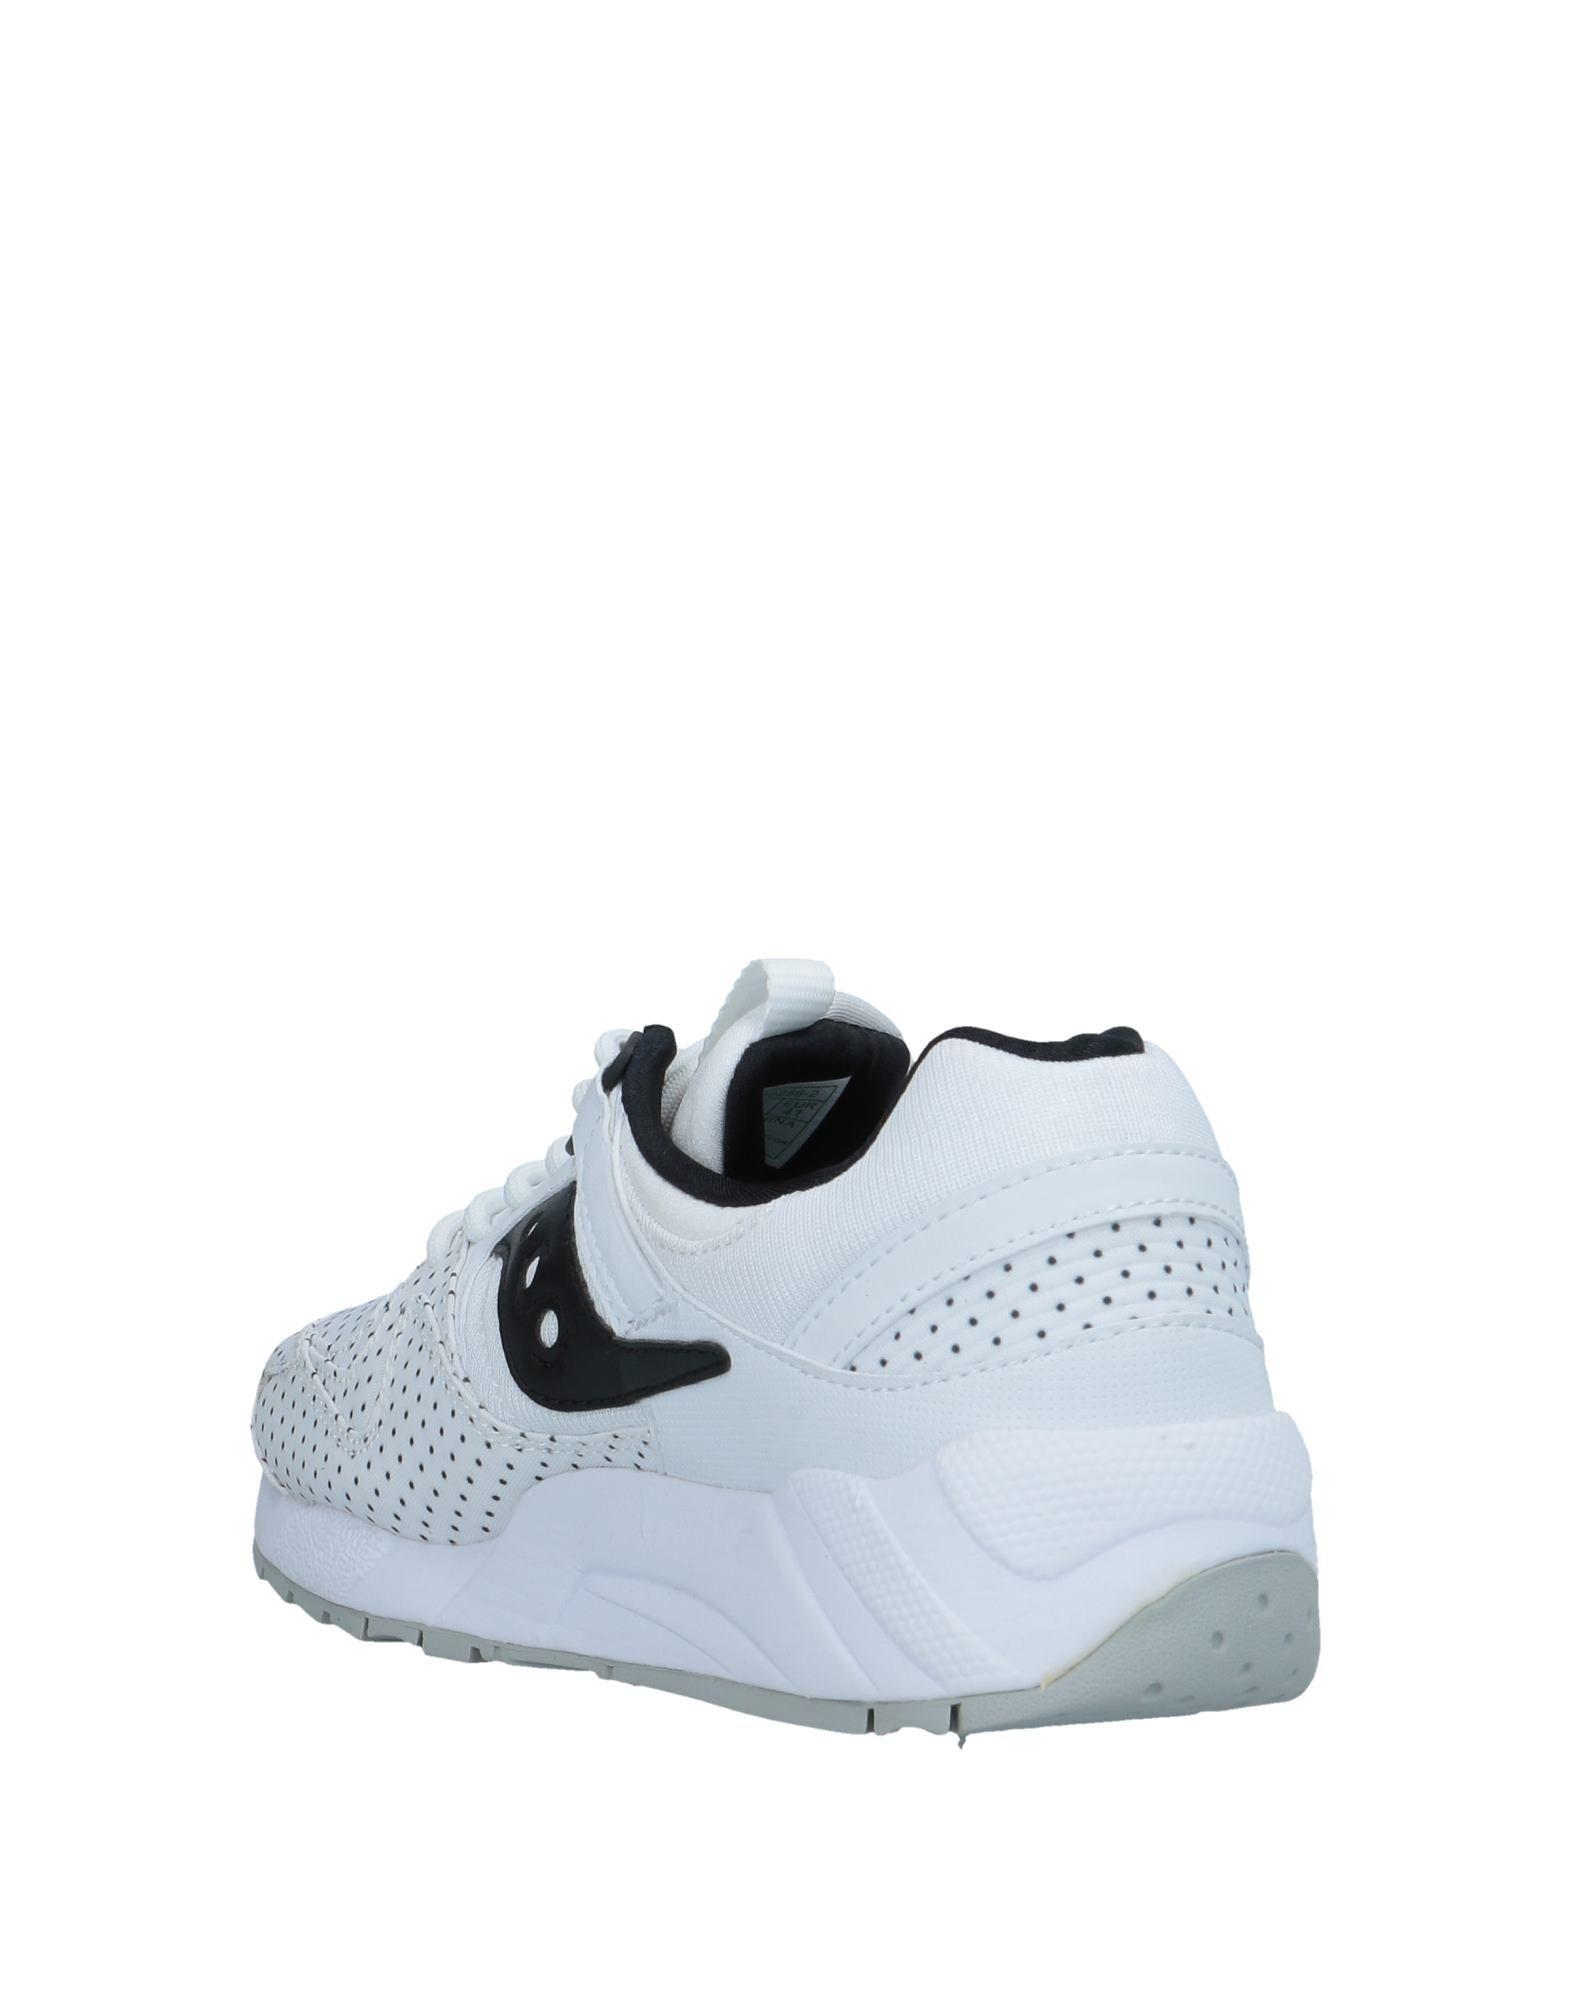 Rabatt Schuhe echte Schuhe Rabatt Saucony Sneakers Herren  11500652UW eaed7b